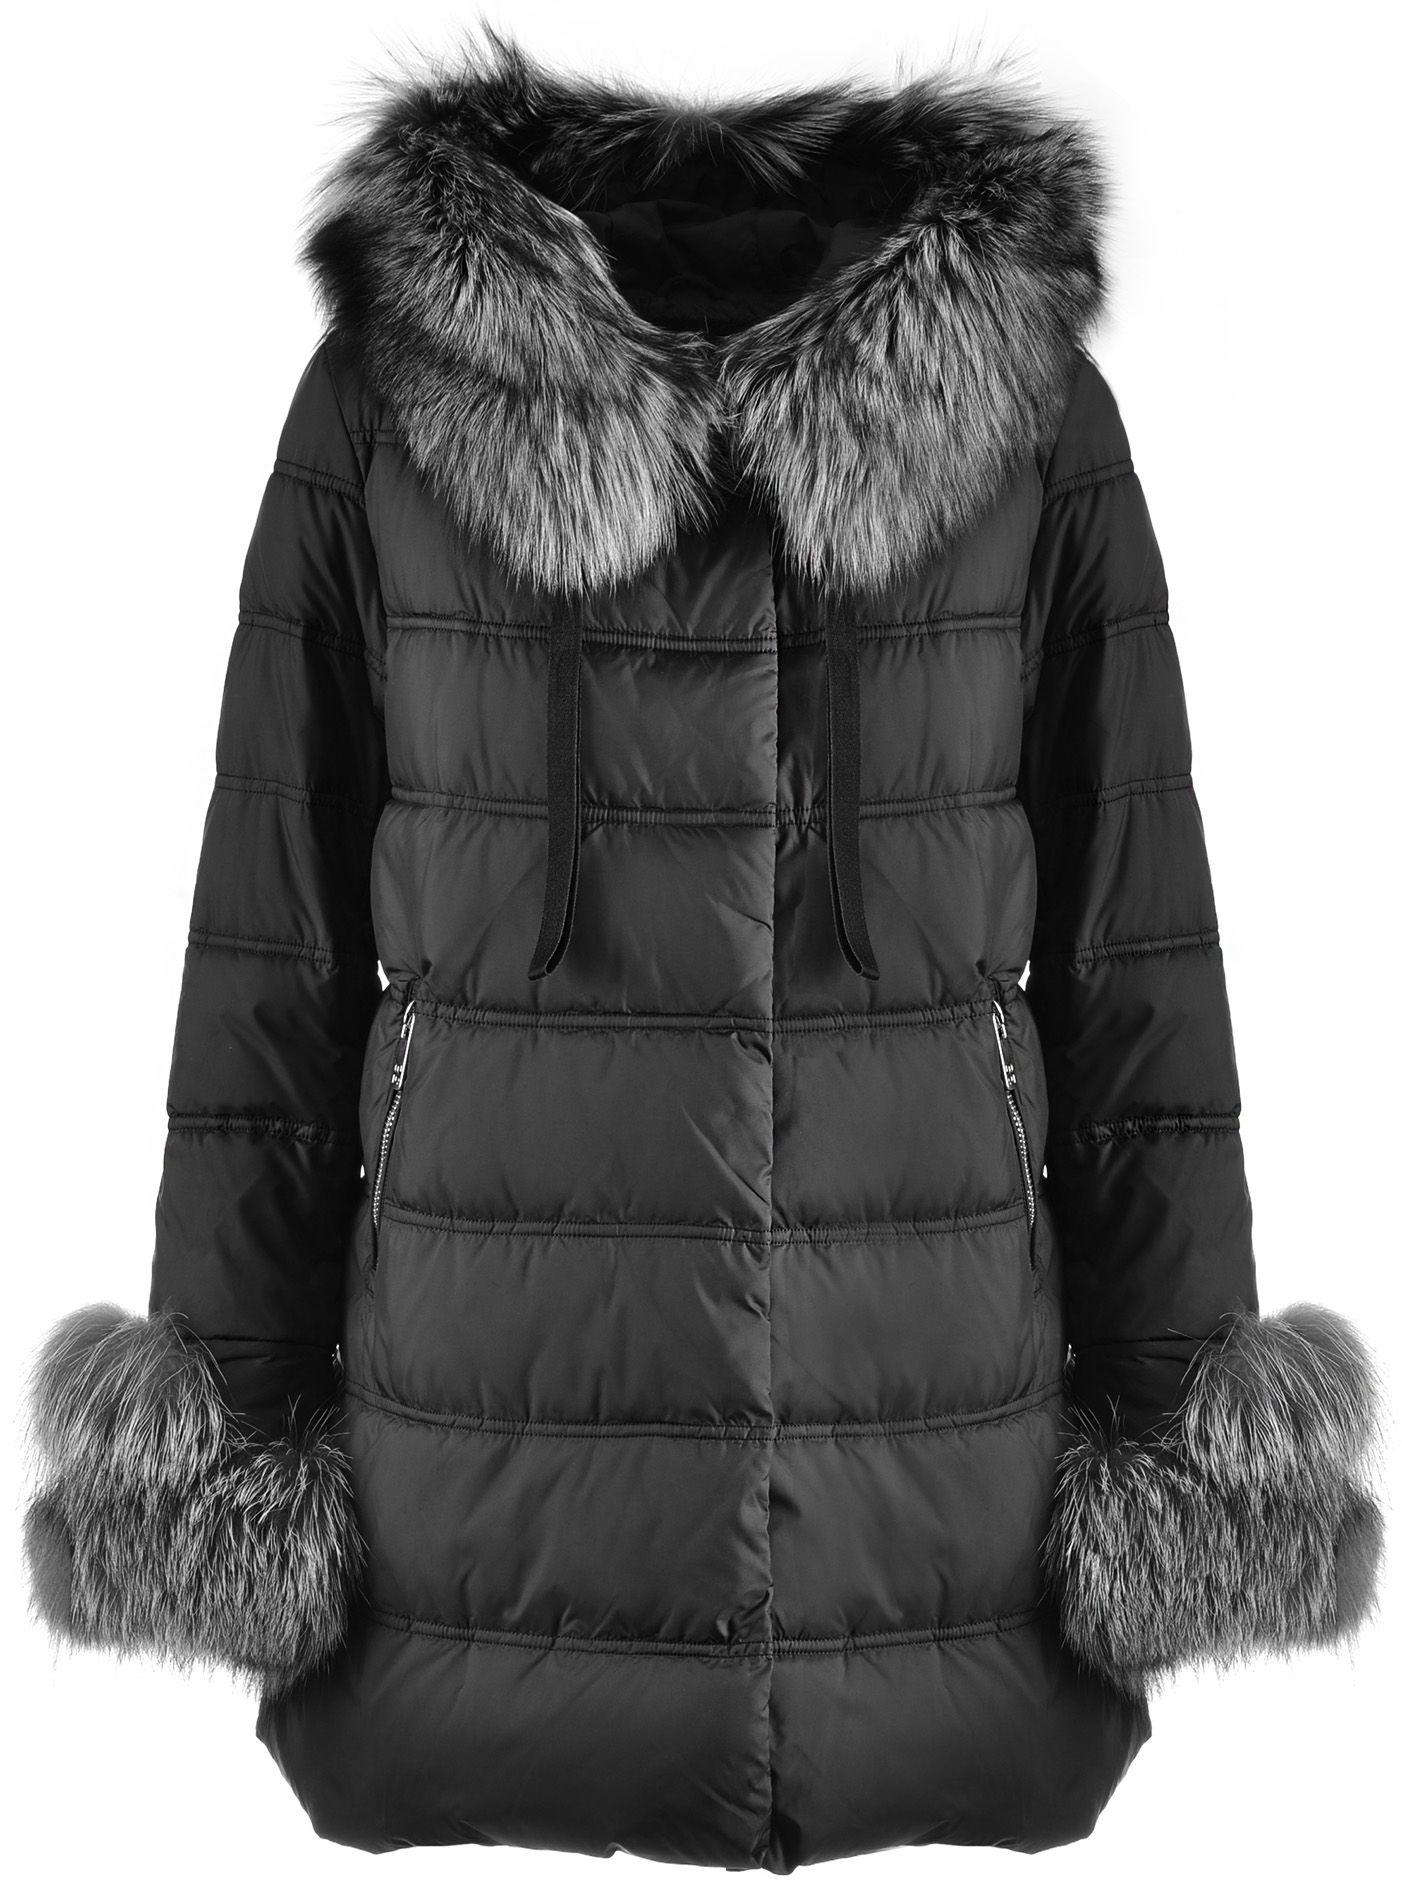 Luxusní dámská zimní bunda s kožešinou na rukávech  4ef5950ea4